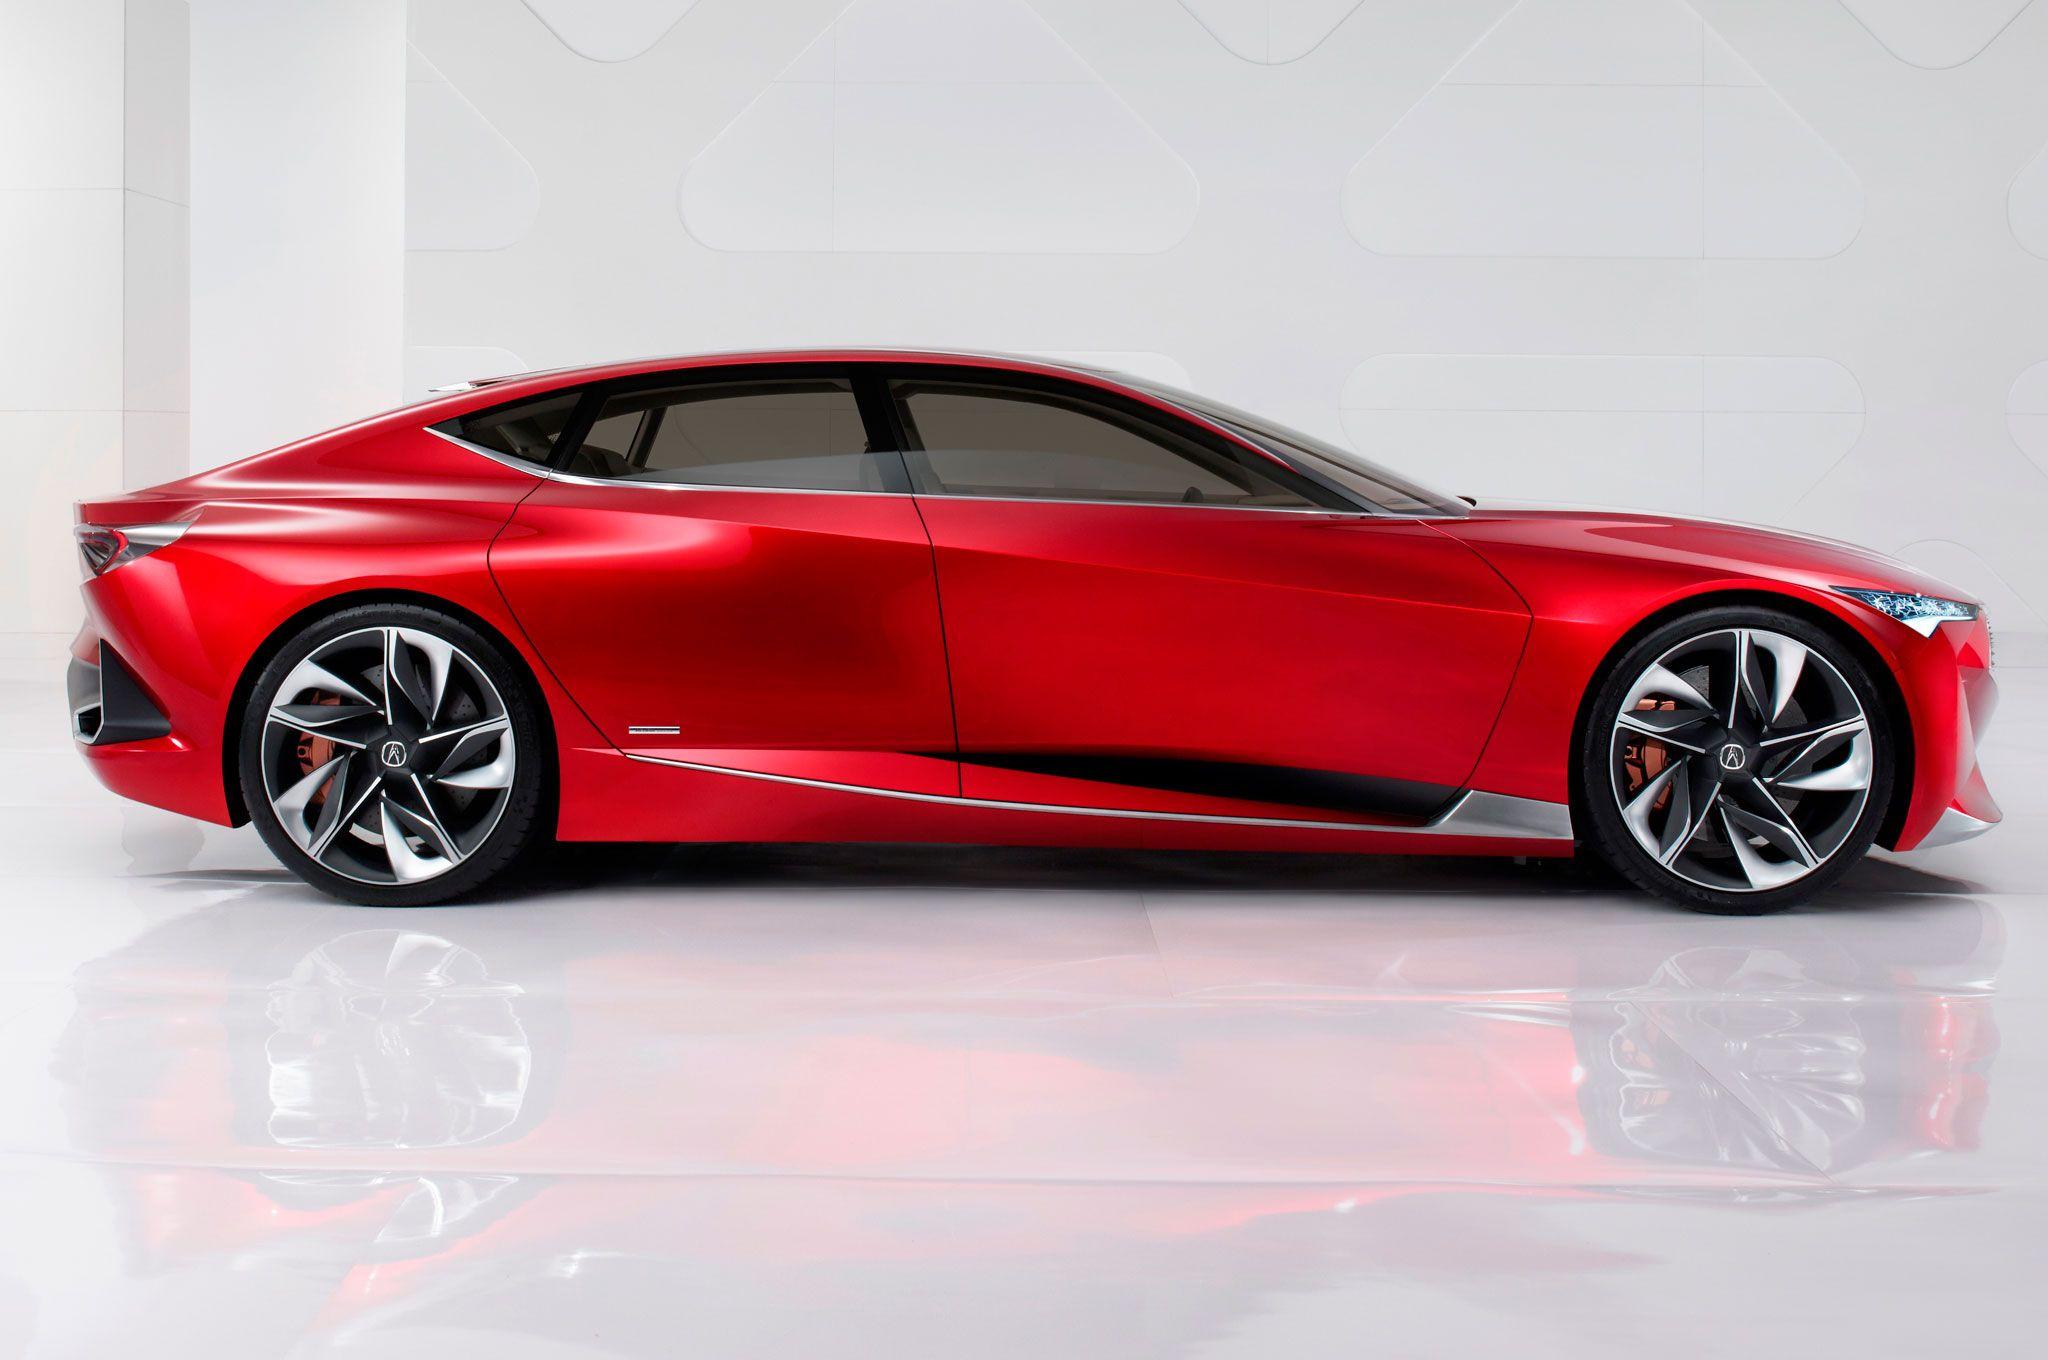 Acura precision concept price